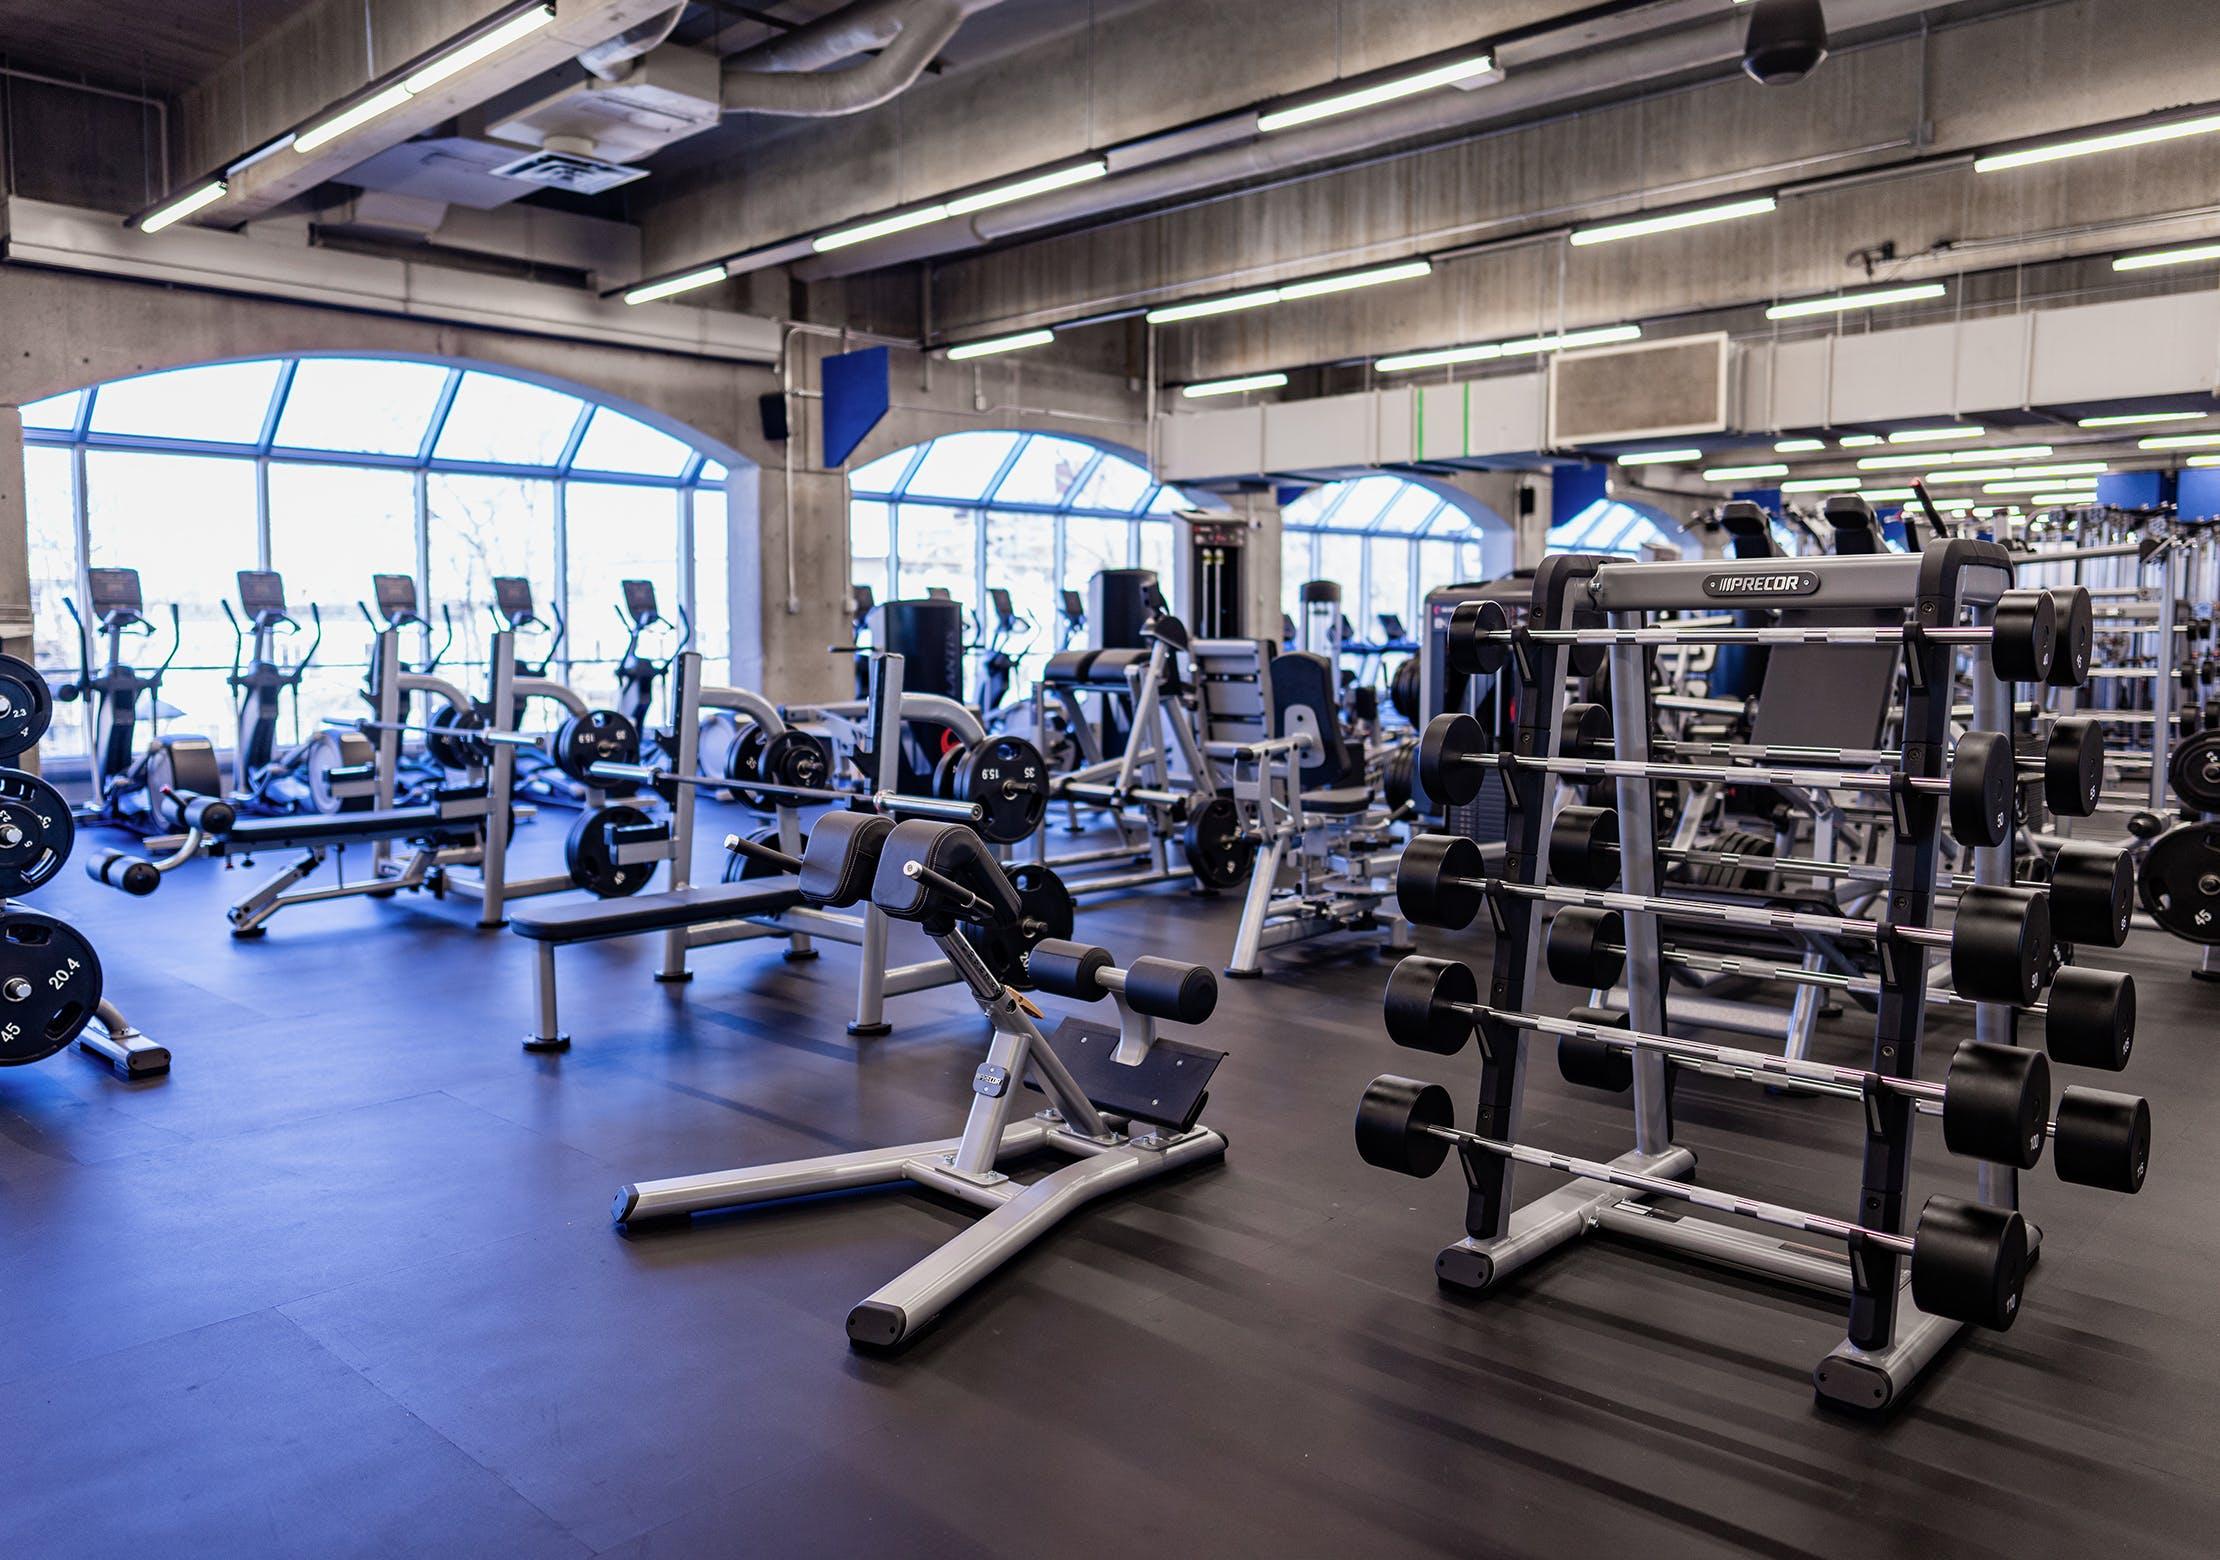 Salle d'entrainement - Zone d'appareils plate loaded | CEPSUM